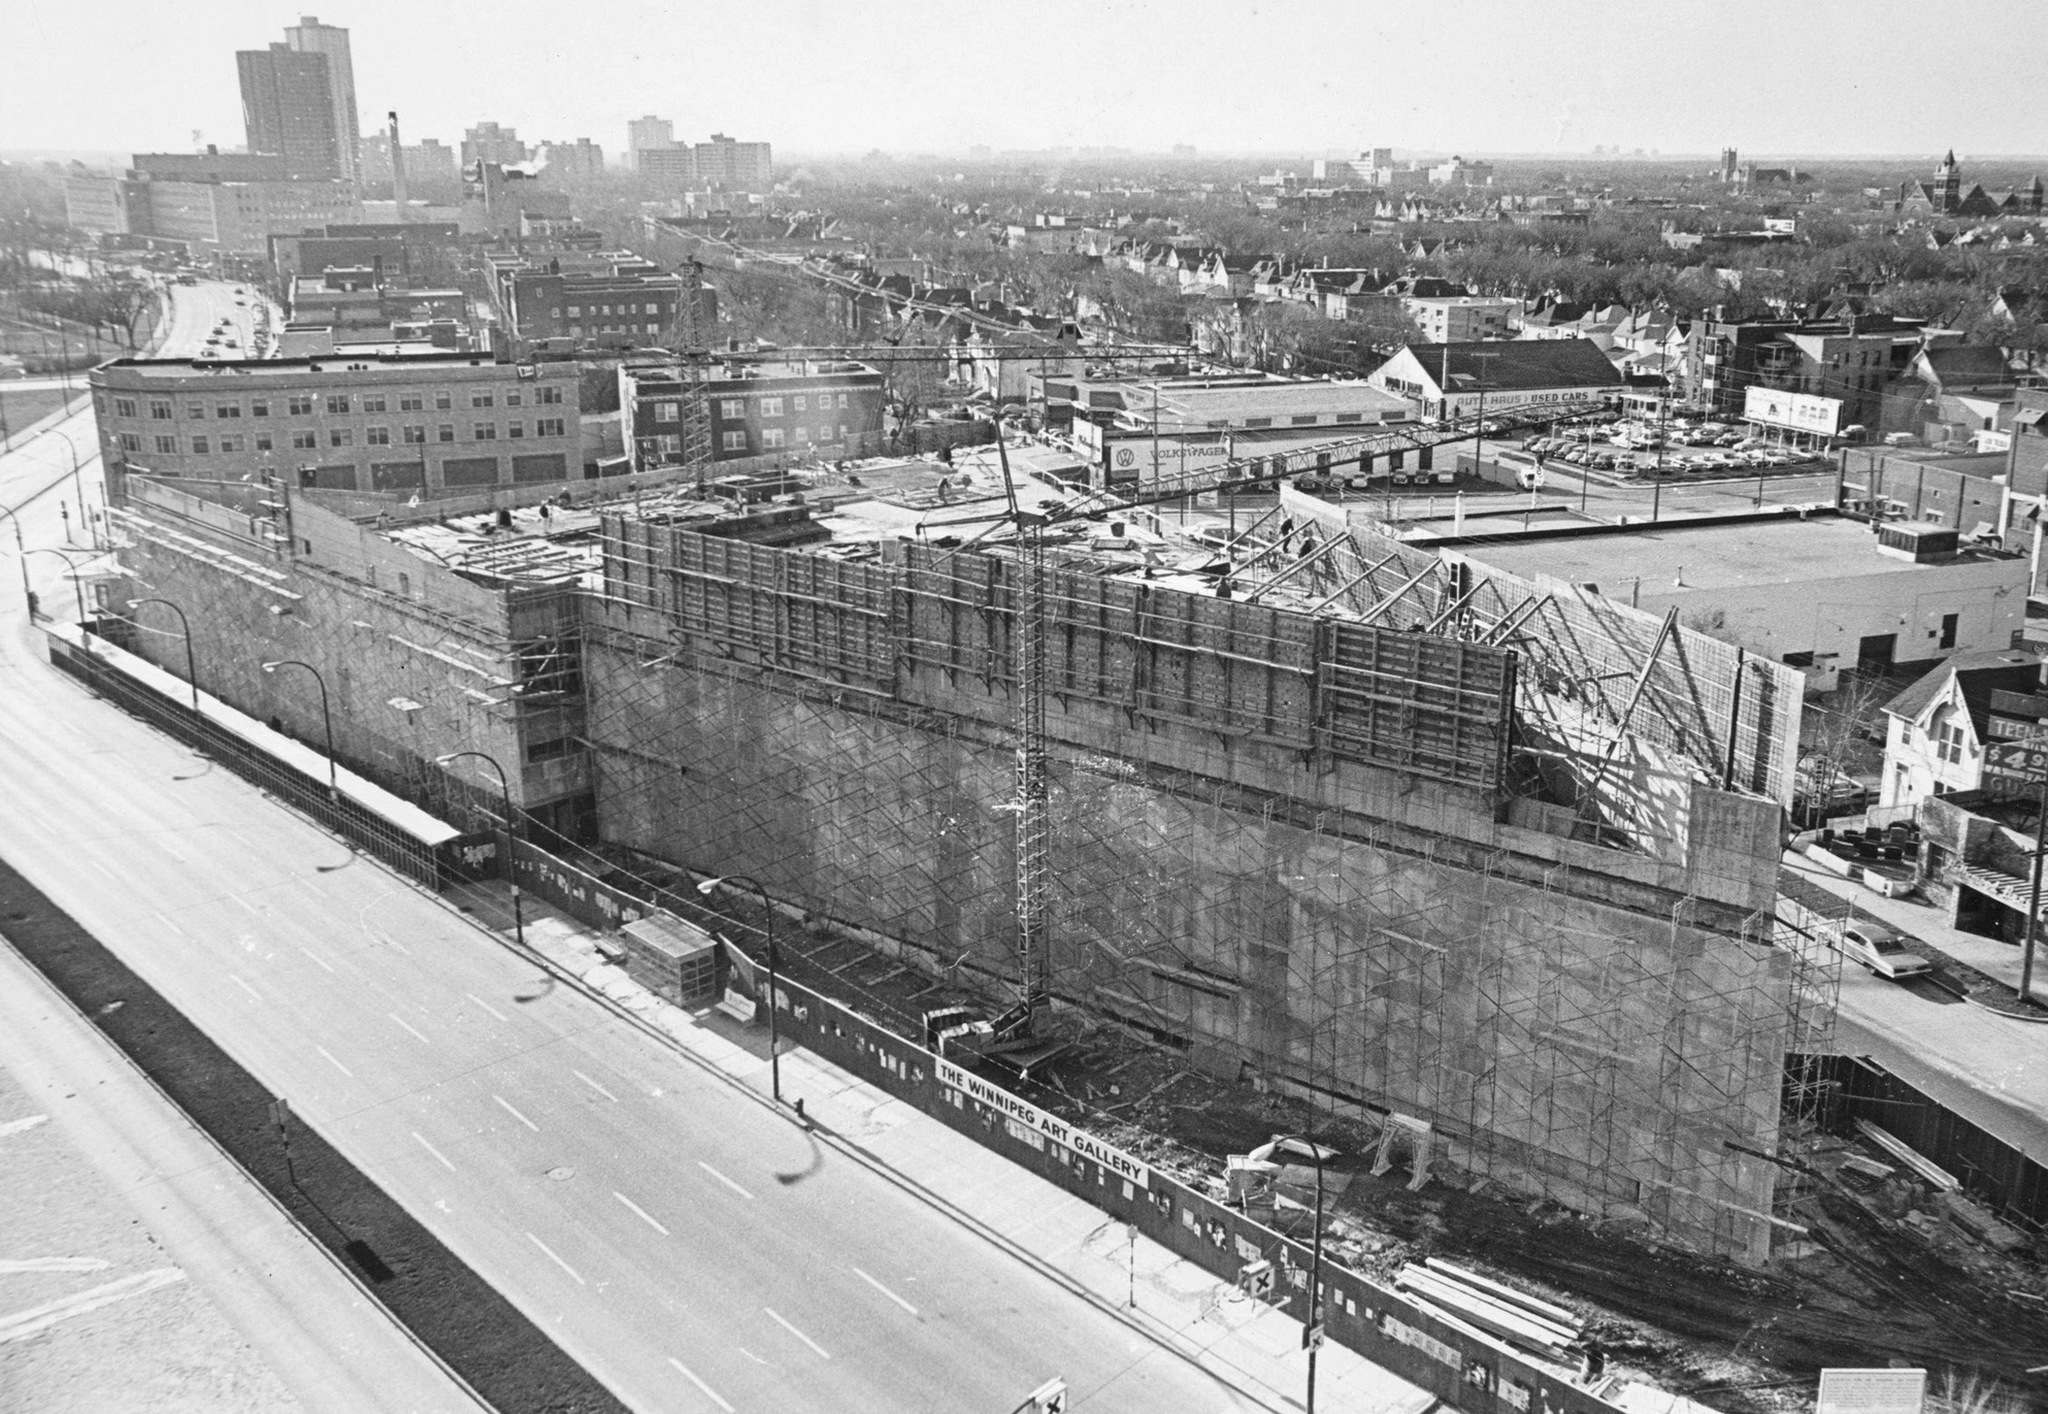 """La Winnipeg Art Gallery de 4,5 millions de dollars a lentement pris sa forme de flèche, qui a été déterminée par le site, bordé par le boulevard Memorial, l'avenue St. Mary et la rue Colony.</p></noscript> <p>""""width ="""" 2048 """"height ="""" 1414 """"srcset ="""" https://media.winnipegfreepress.com/images/400*400/NEP10964764.jpg 400w, https: //media.winnipegfreepress.com/images/600*600 /NEP10964764.jpg 600w, https: //media.winnipegfreepress.com/images/700*700/NEP10964764.jpg 700w, https: //media.winnipegfreepress.com/images/800*800/NEP10964764.jpg 800w, https: //media.winnipegfreepress.com/images/900*900/NEP10964764.jpg 900w, https: //media.winnipegfreepress.com/images/1000*1000/NEP10964764.jpg 1000w""""/></a><figcaption> <p>WINNIPEG KOSTENLOSE PRESSEMITTEILUNGEN</p> <p>Die 4,5 Millionen Dollar teure Winnipeg Art Gallery nahm langsam ihre Turmform an, die durch das Gelände bestimmt wurde, das von Memorial Boulevard, St. Mary Avenue und Colony Street begrenzt wurde.</p> </figcaption></figure> <p>Laut Serena Keshavjee, außerordentliche Professorin für Kunstgeschichte an der University of Winnipeg und Herausgeberin von <em>Winnipeg Modern</em>, eine Geschichte der Mid-Century-Architektur unserer Stadt, war eine der wichtigsten Errungenschaften von Eckhardt, """"dieses dauerhafte Zuhause für die WAG zu organisieren und zu sammeln, das das elegante Gebäude ist, das Sie heute sehen"""".</p> <p>""""Es hat dazu beigetragen, WAG als sehr wichtiges Stadtmuseum bekannt zu machen"""", sagte Keshavjee.</p> <p>Das Äußere des Gebäudes ist groß und kühn, was es zu einer Art Statement-Struktur macht, die zu einem visuellen Symbol für eine Stadt werden kann.</p> <blockquote class="""